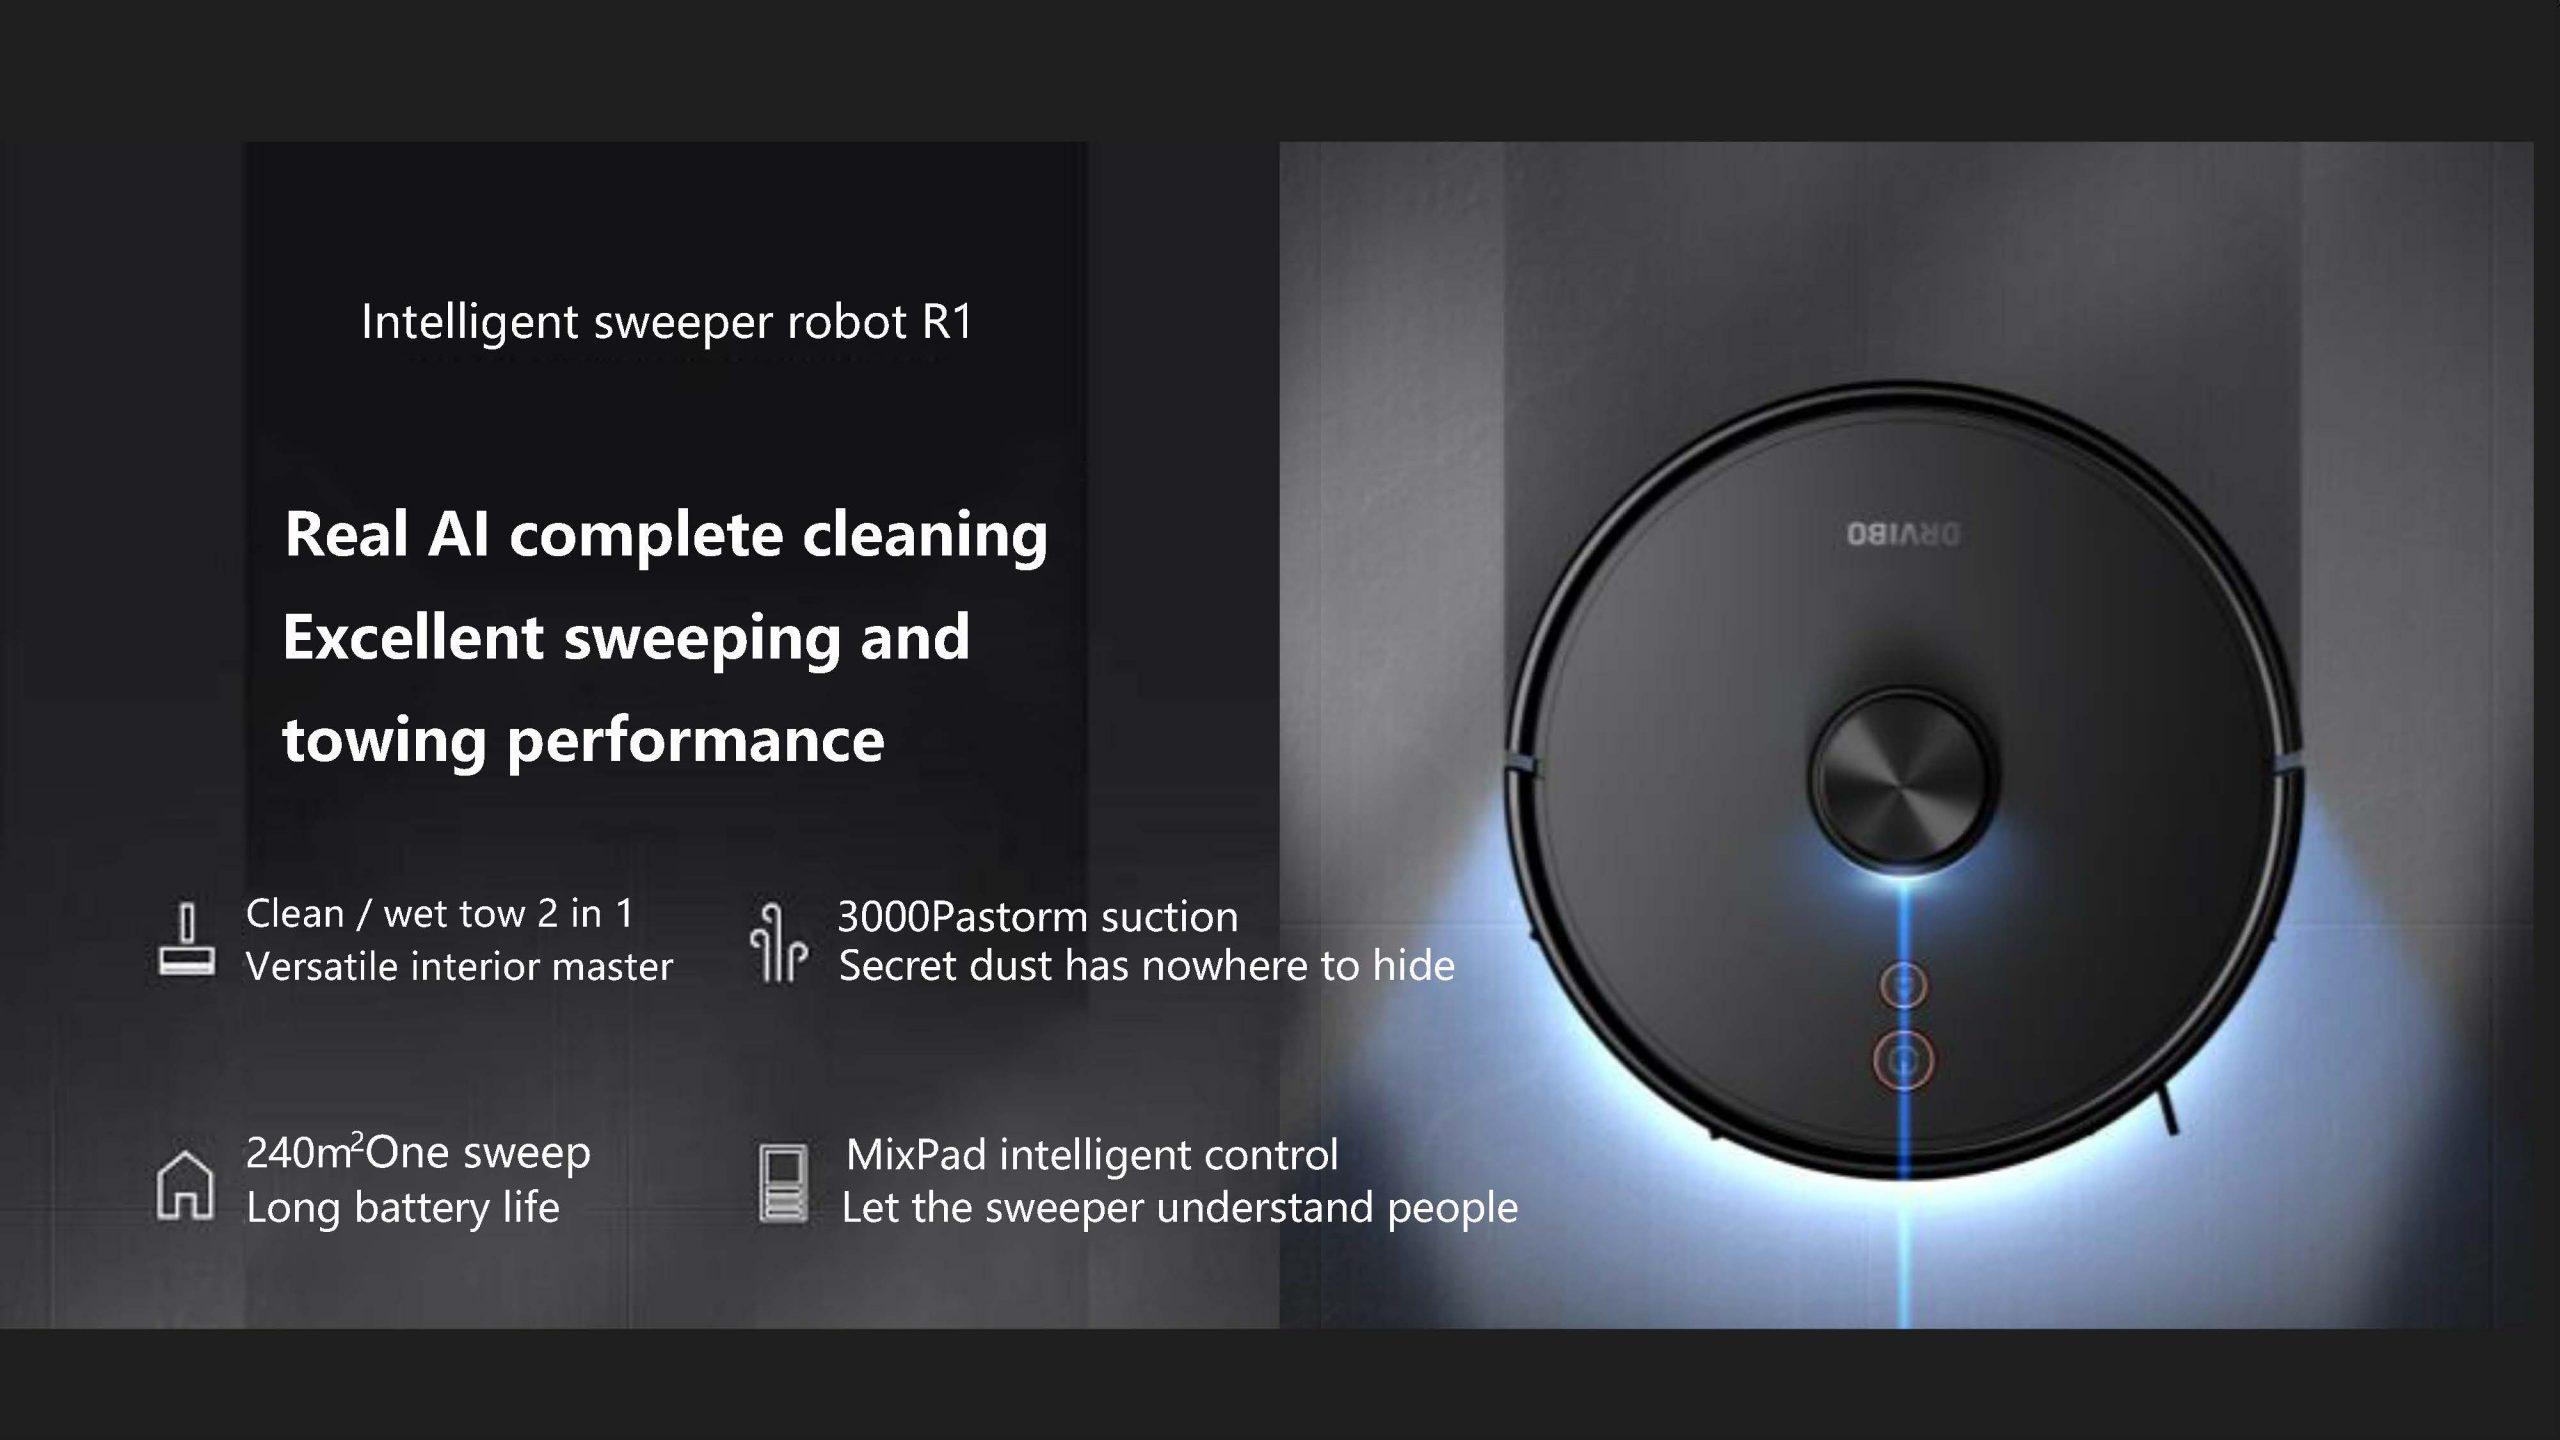 智慧掃拖機器人